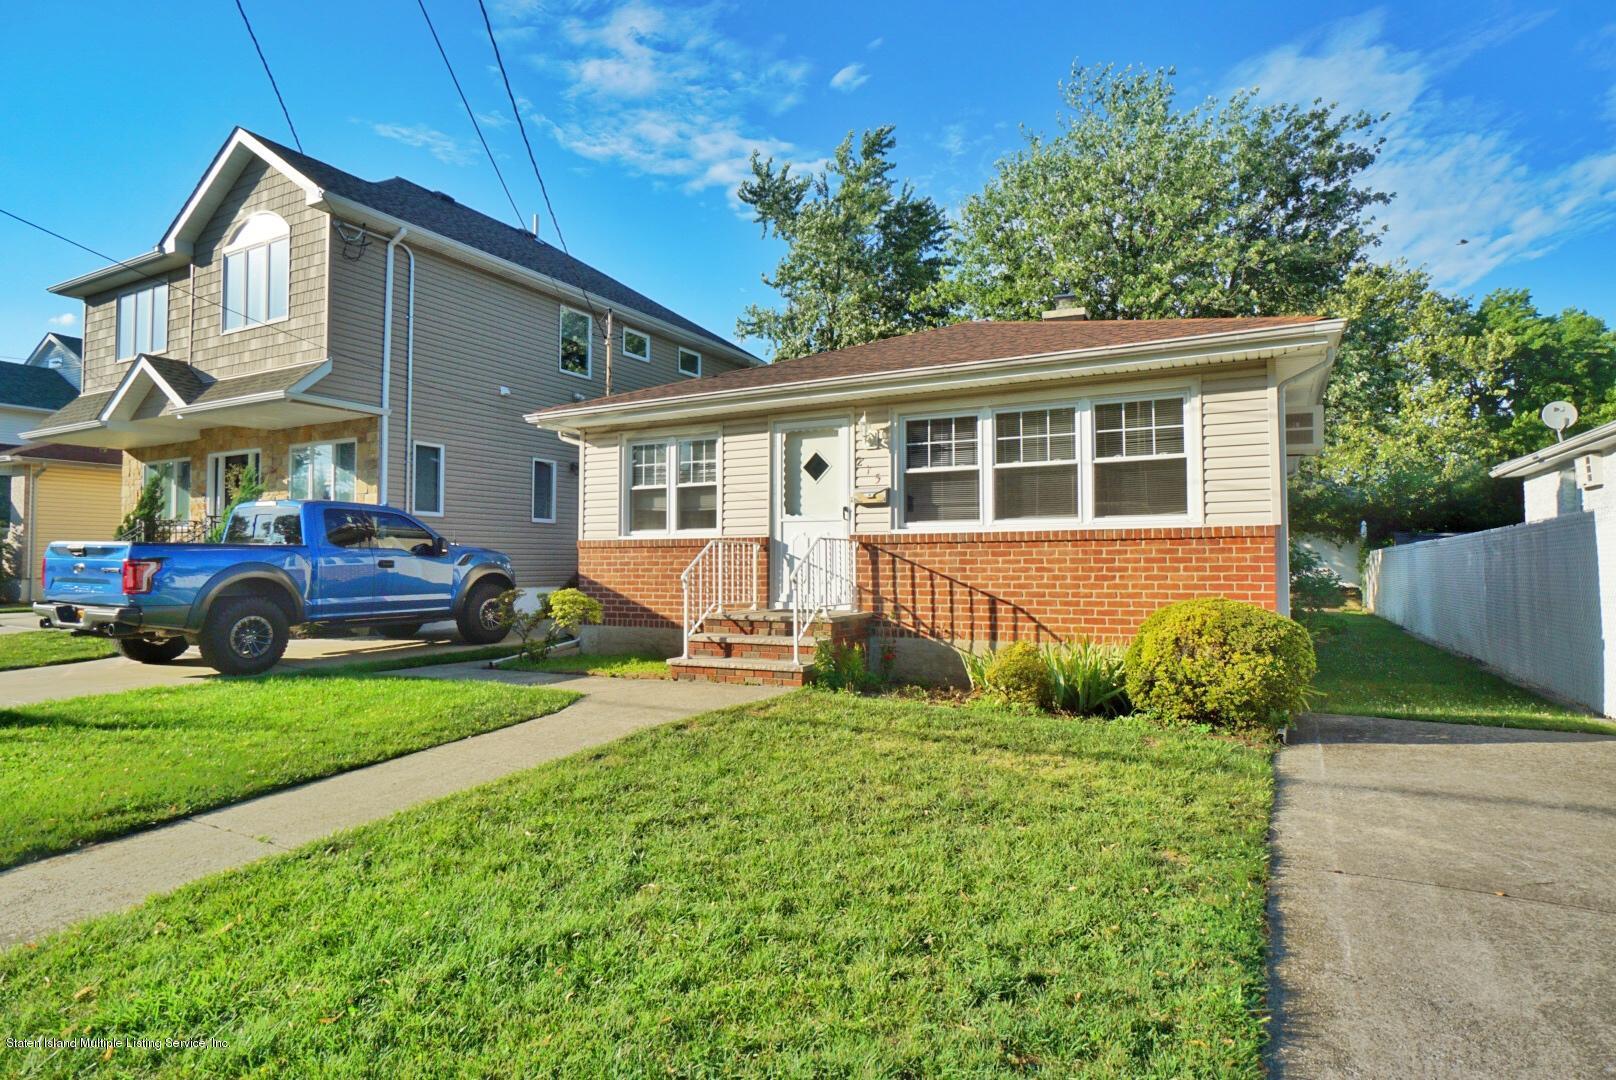 Single Family - Detached 215 Fairbanks Avenue  Staten Island, NY 10306, MLS-1138817-2